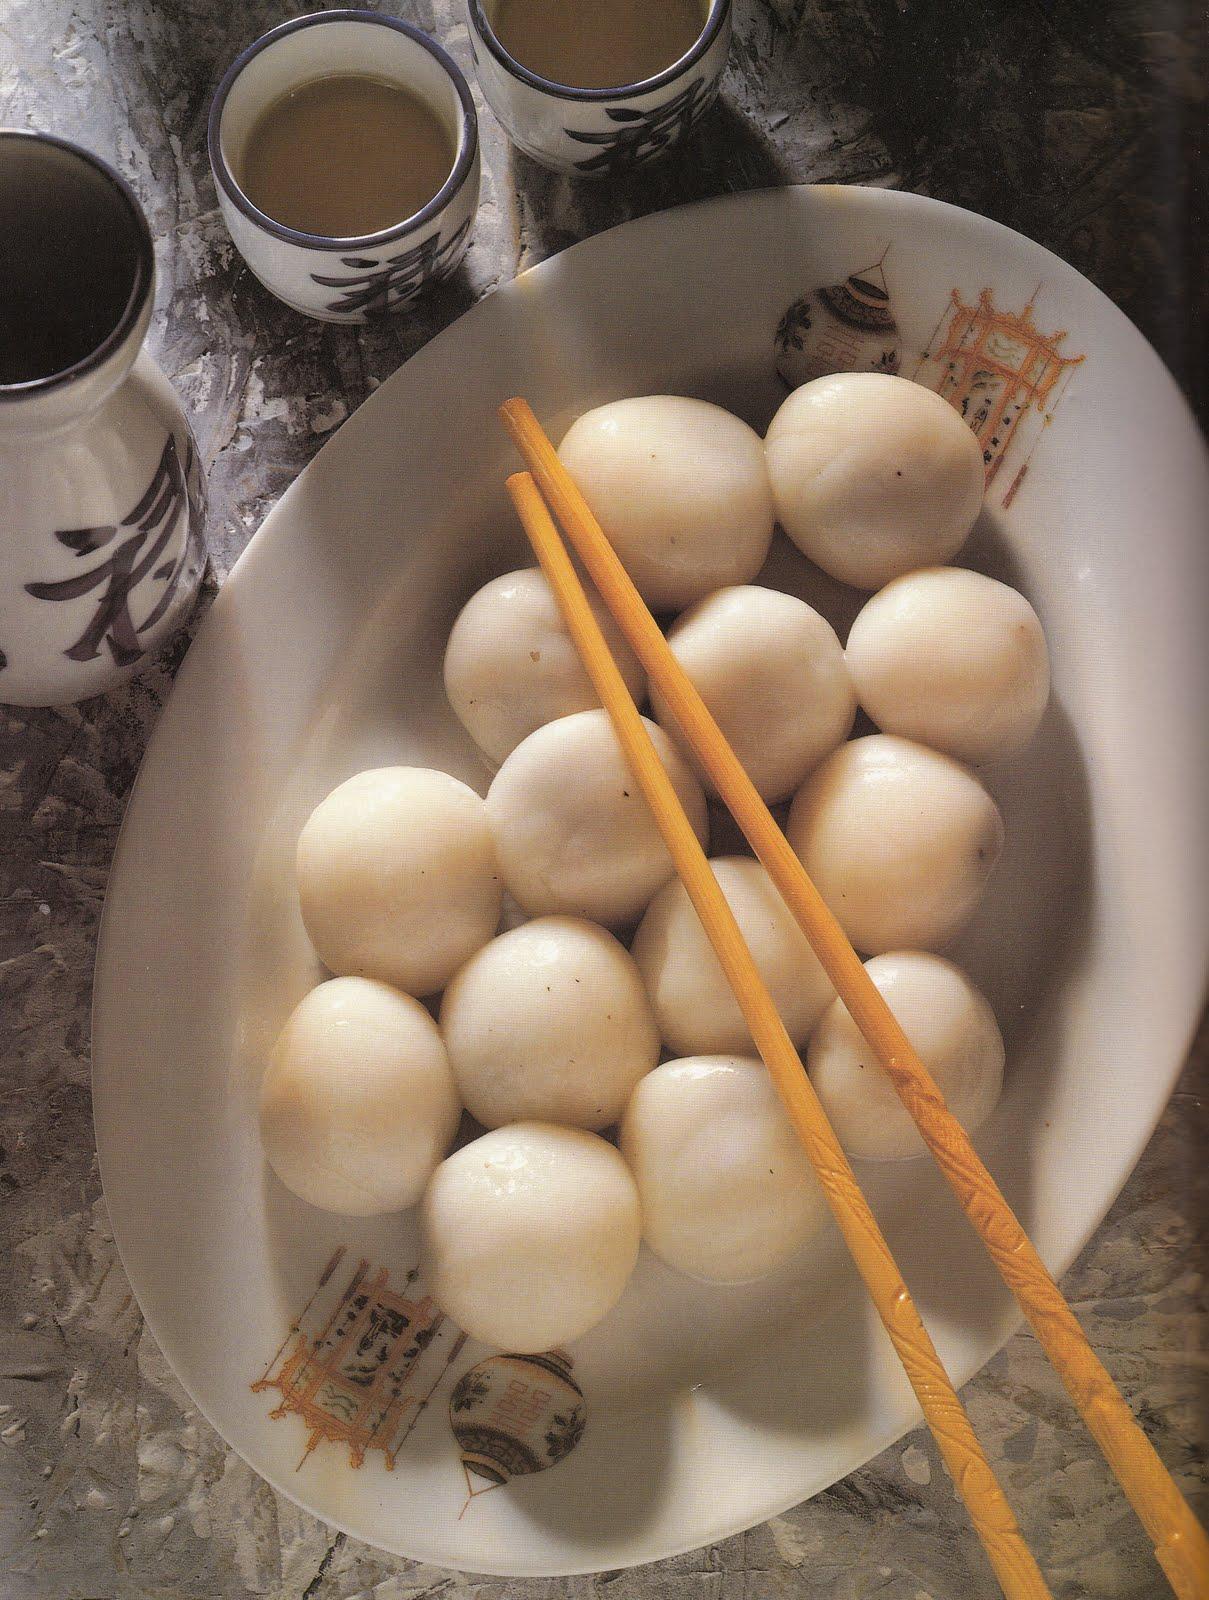 la cucina cinese polpettine dolci di riso On ricette cinesi riso